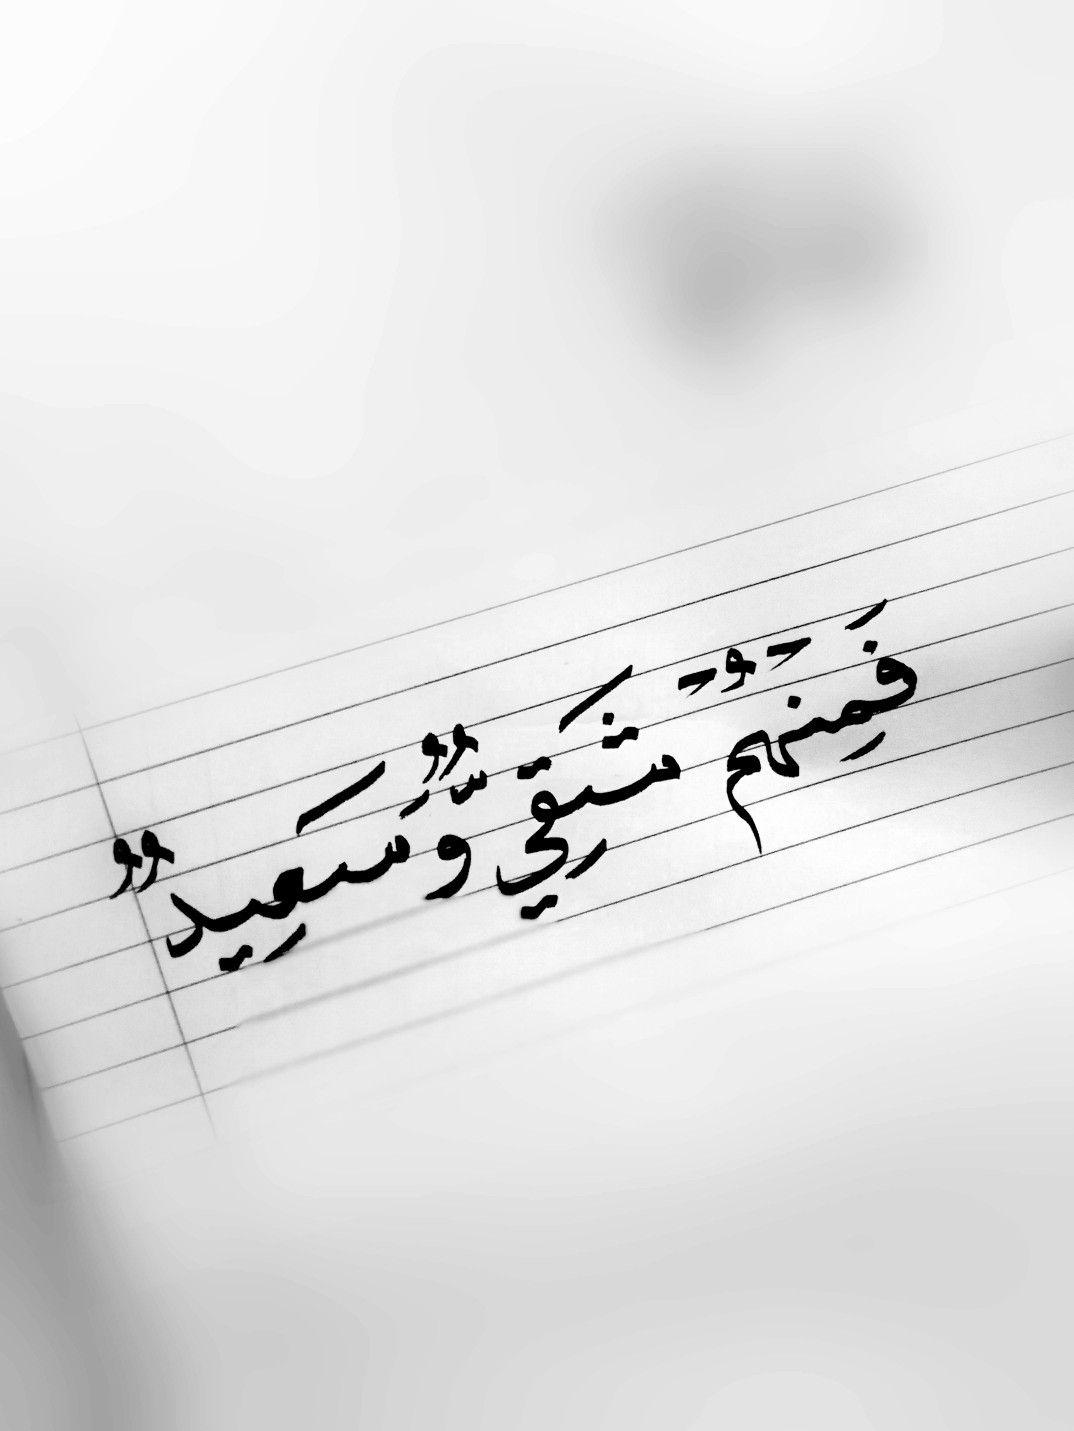 فمنهم شقي وسعيد Arabic Calligraphy Calligraphy Handwriting